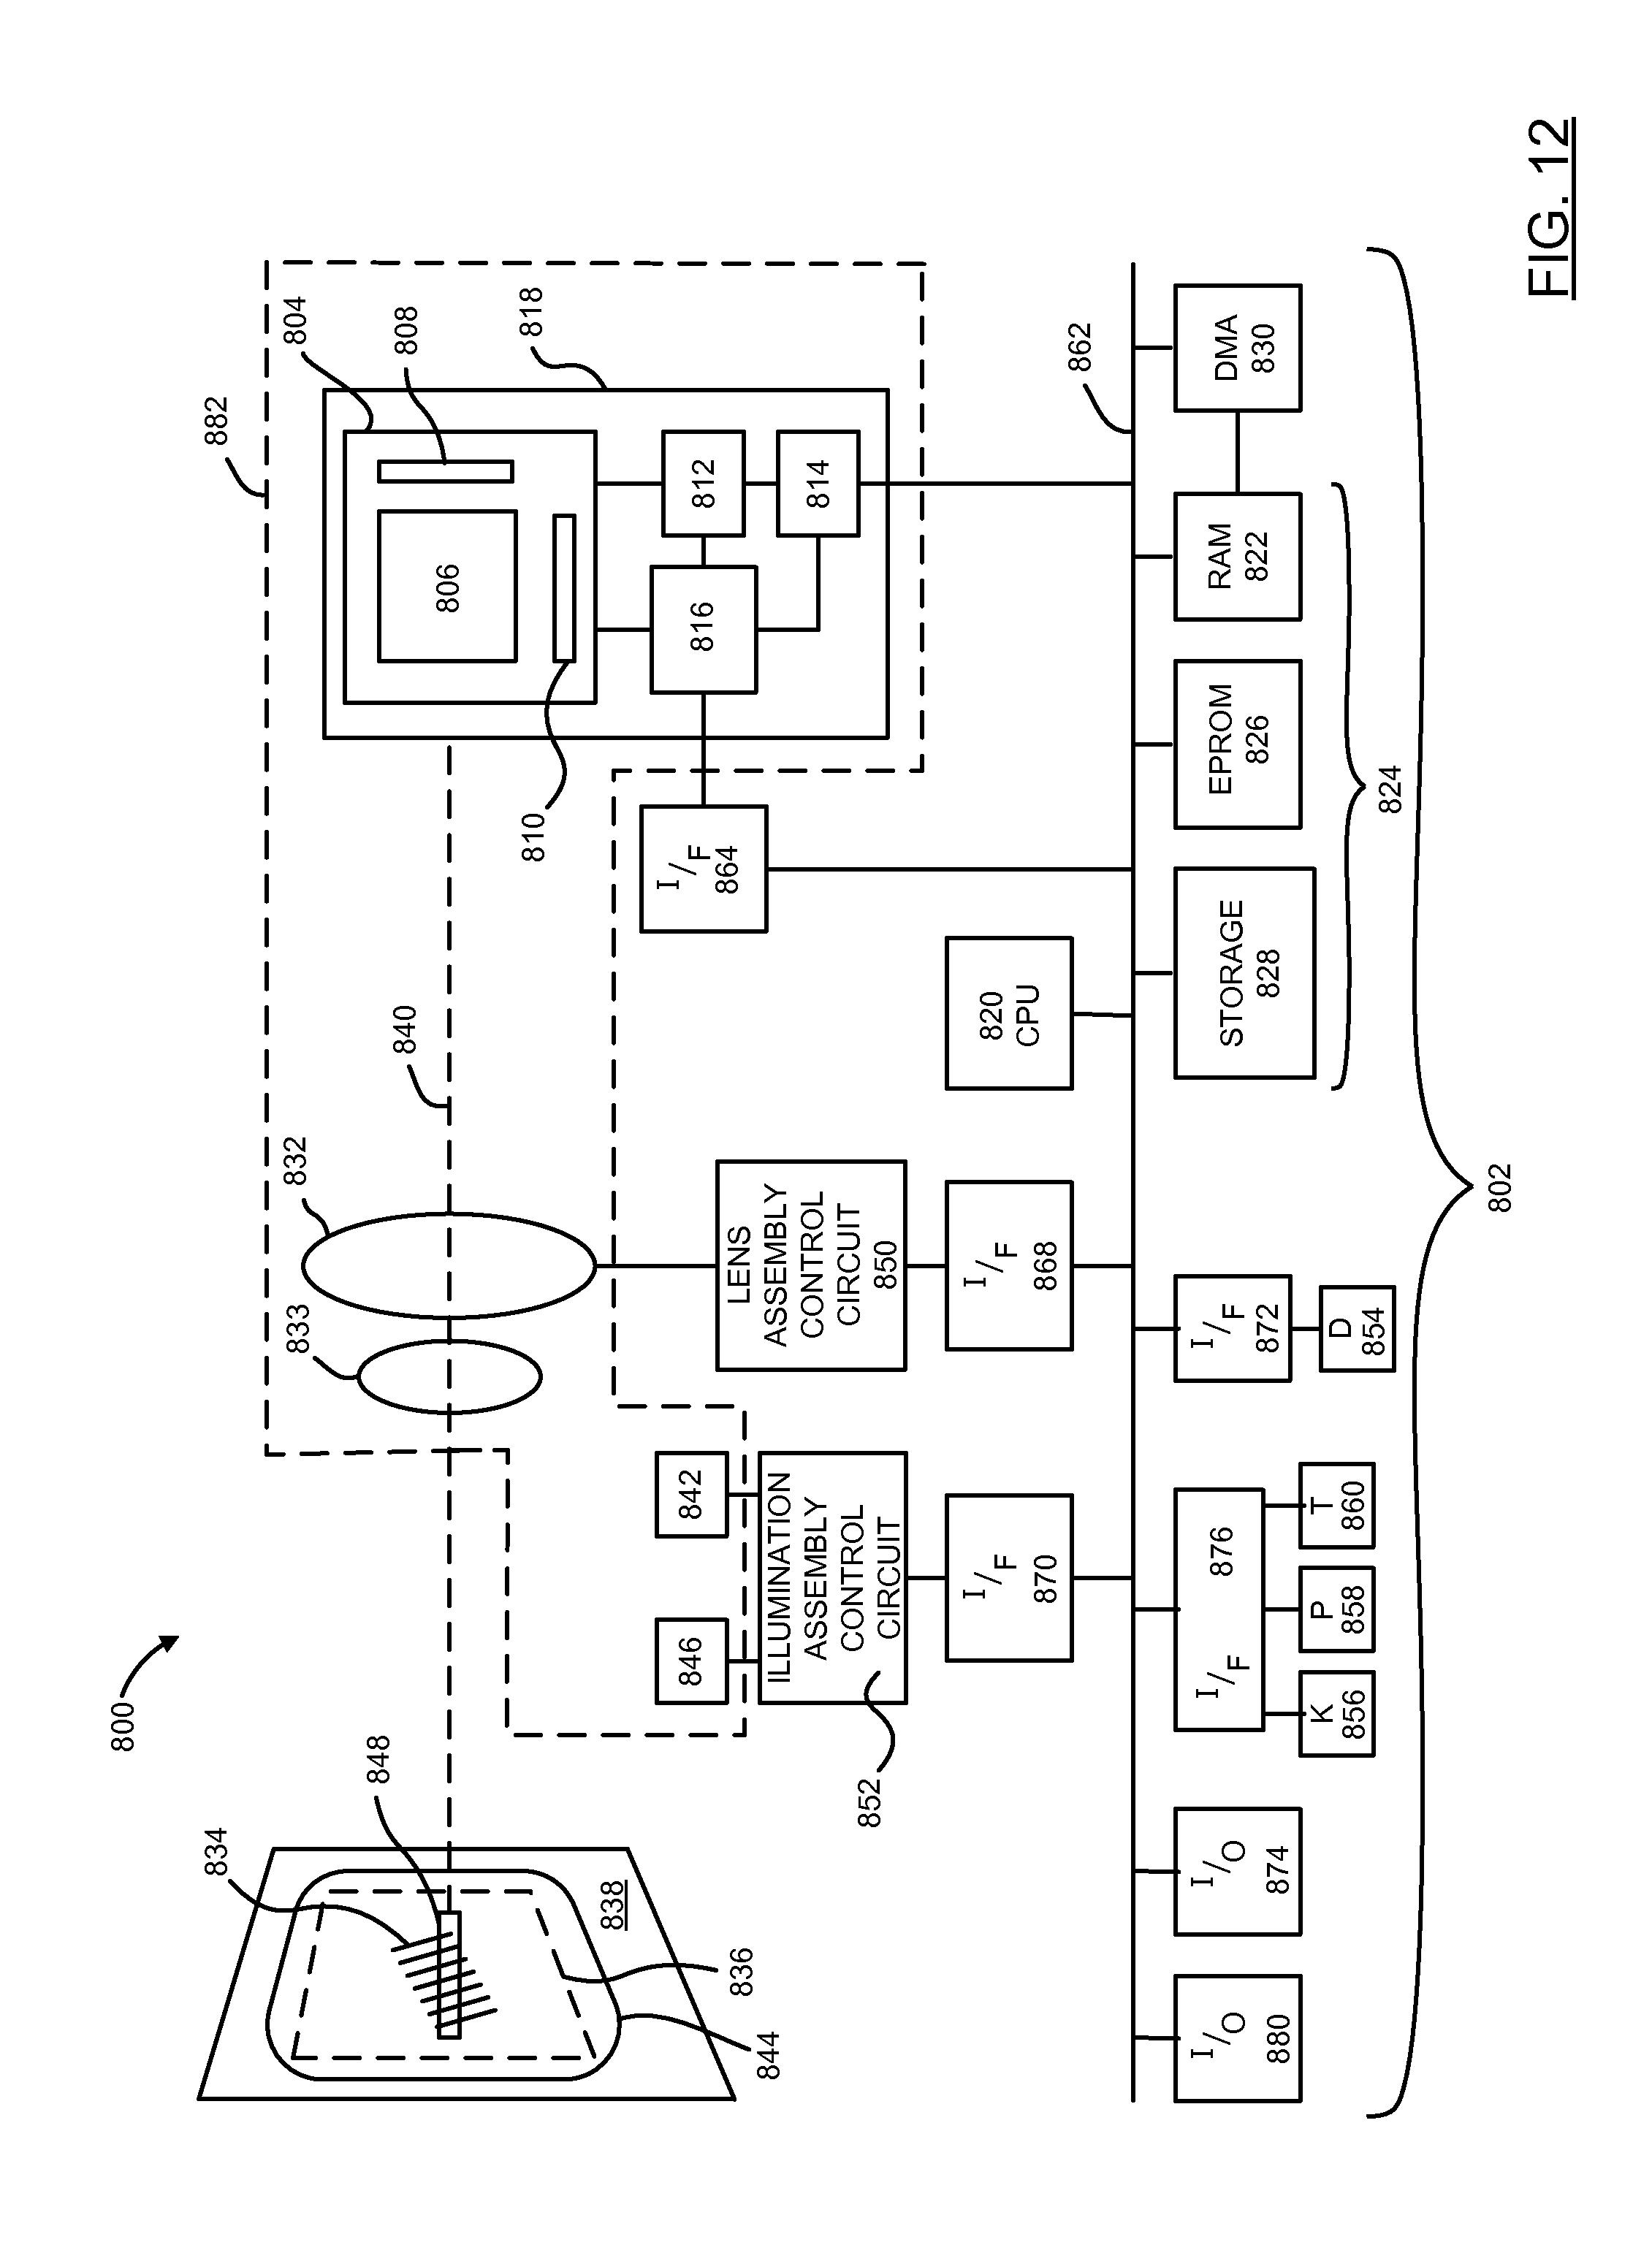 patent us8317104